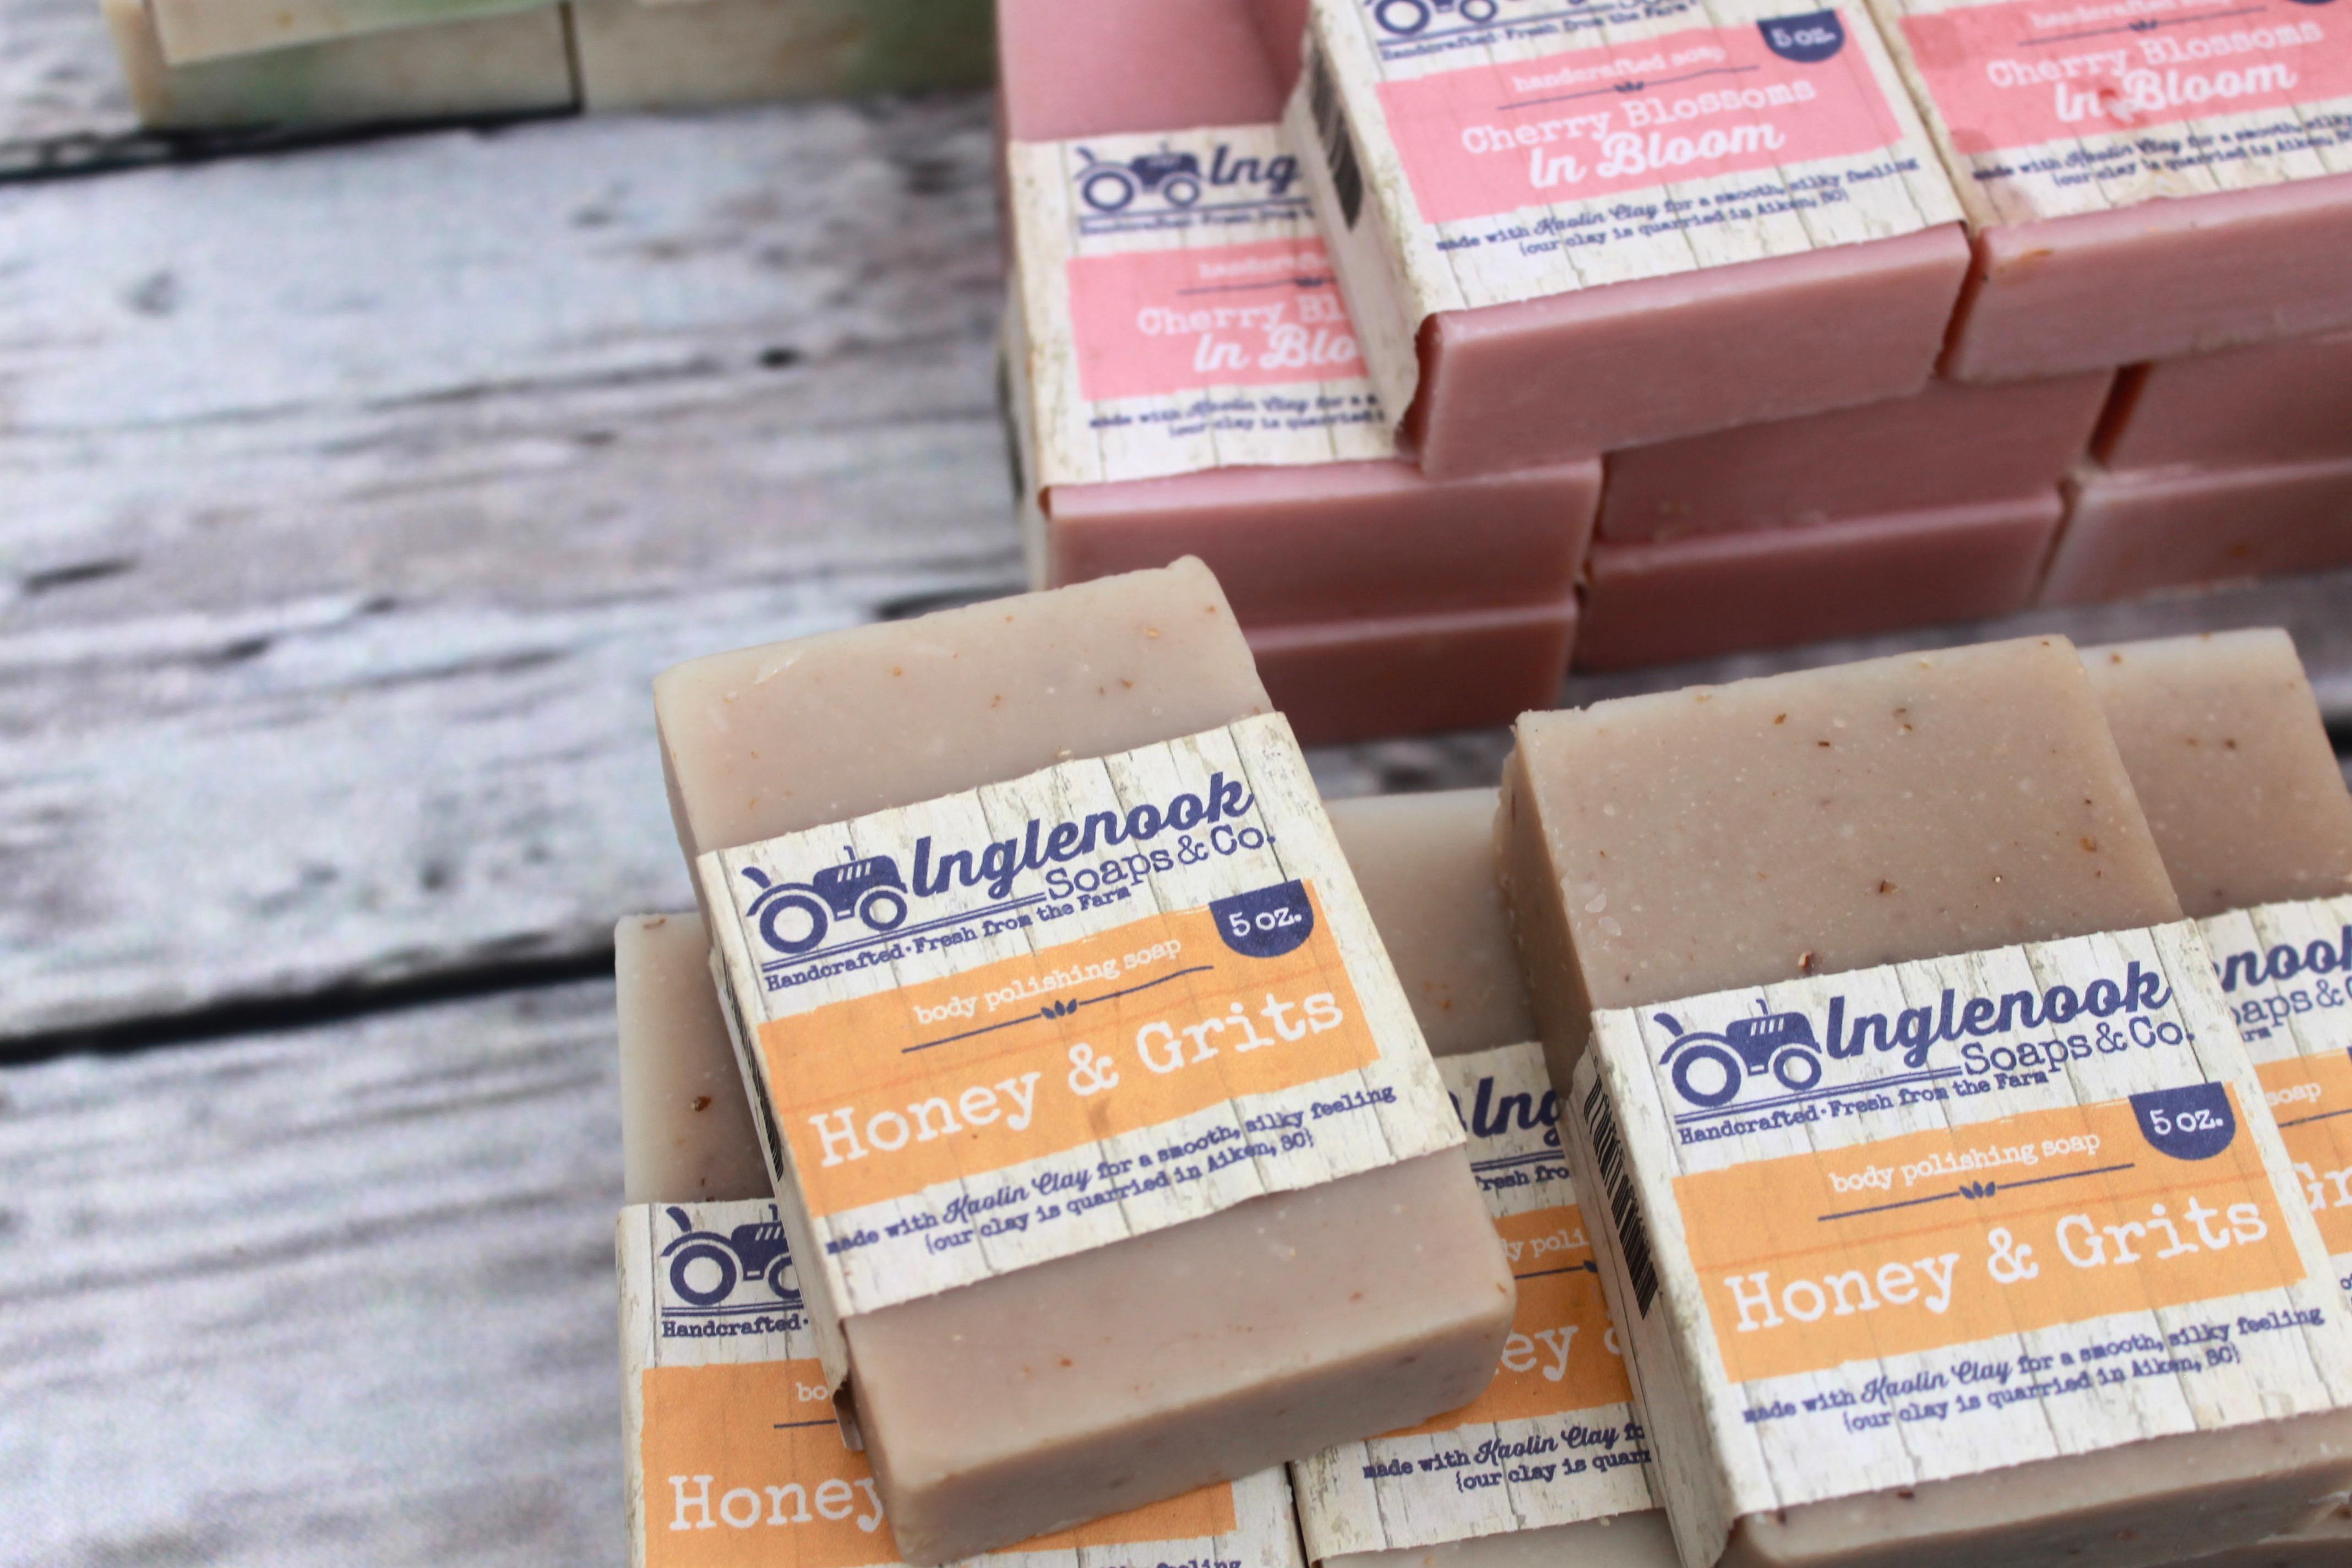 Handmade soap from the Soda city market